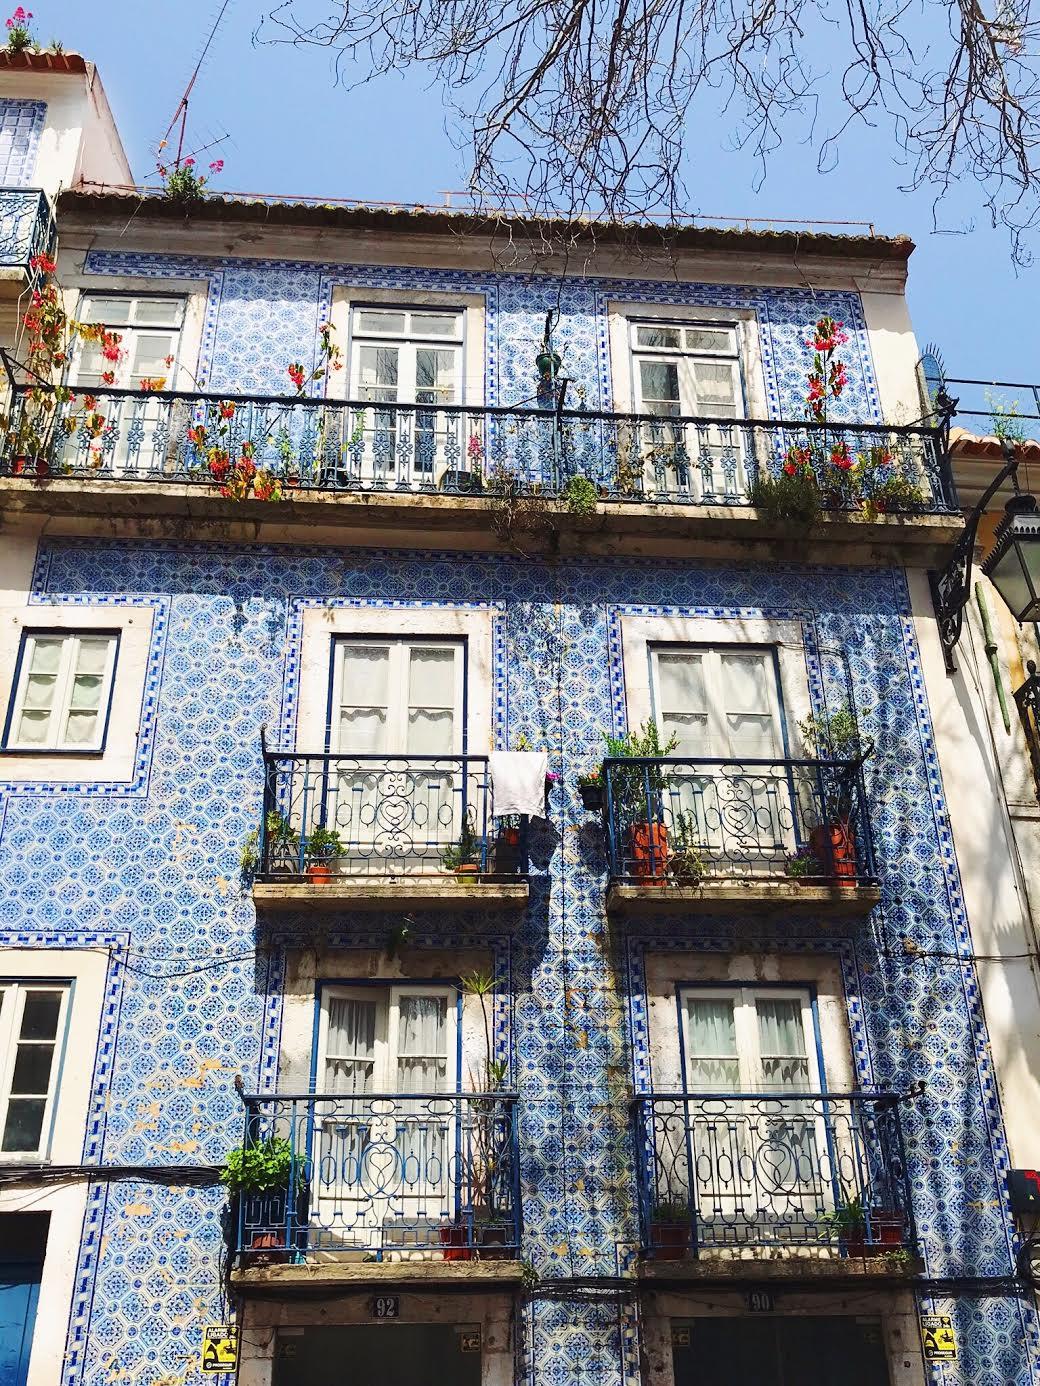 Lisbon-Muslim-travel-guide-tile-art